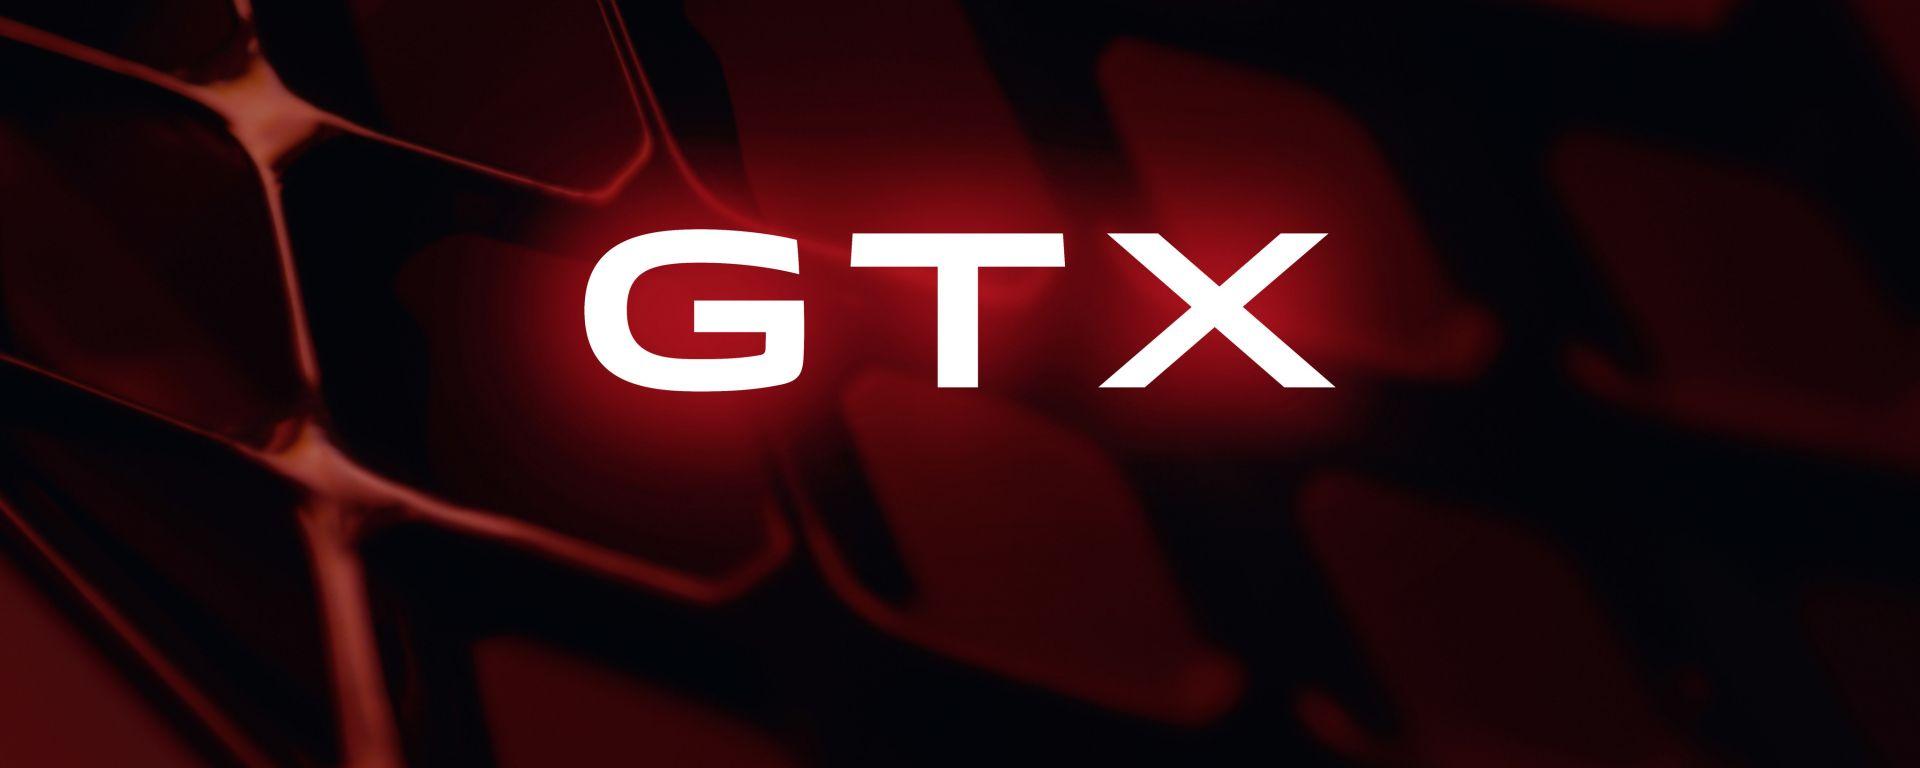 Volkswagen GTX, il nuovo logo per le elettriche ad alte prestazioni